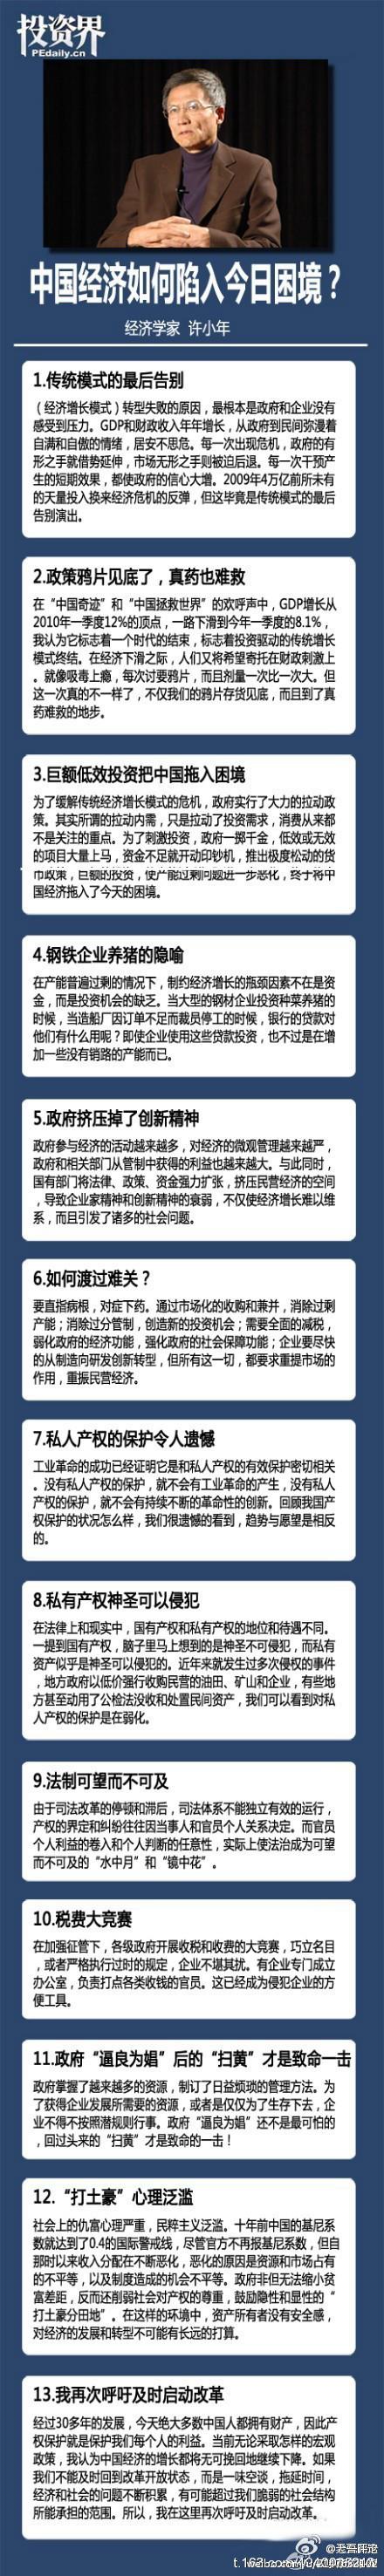 阅读更多关于《许小年,中国经济如何陷入今日困局》